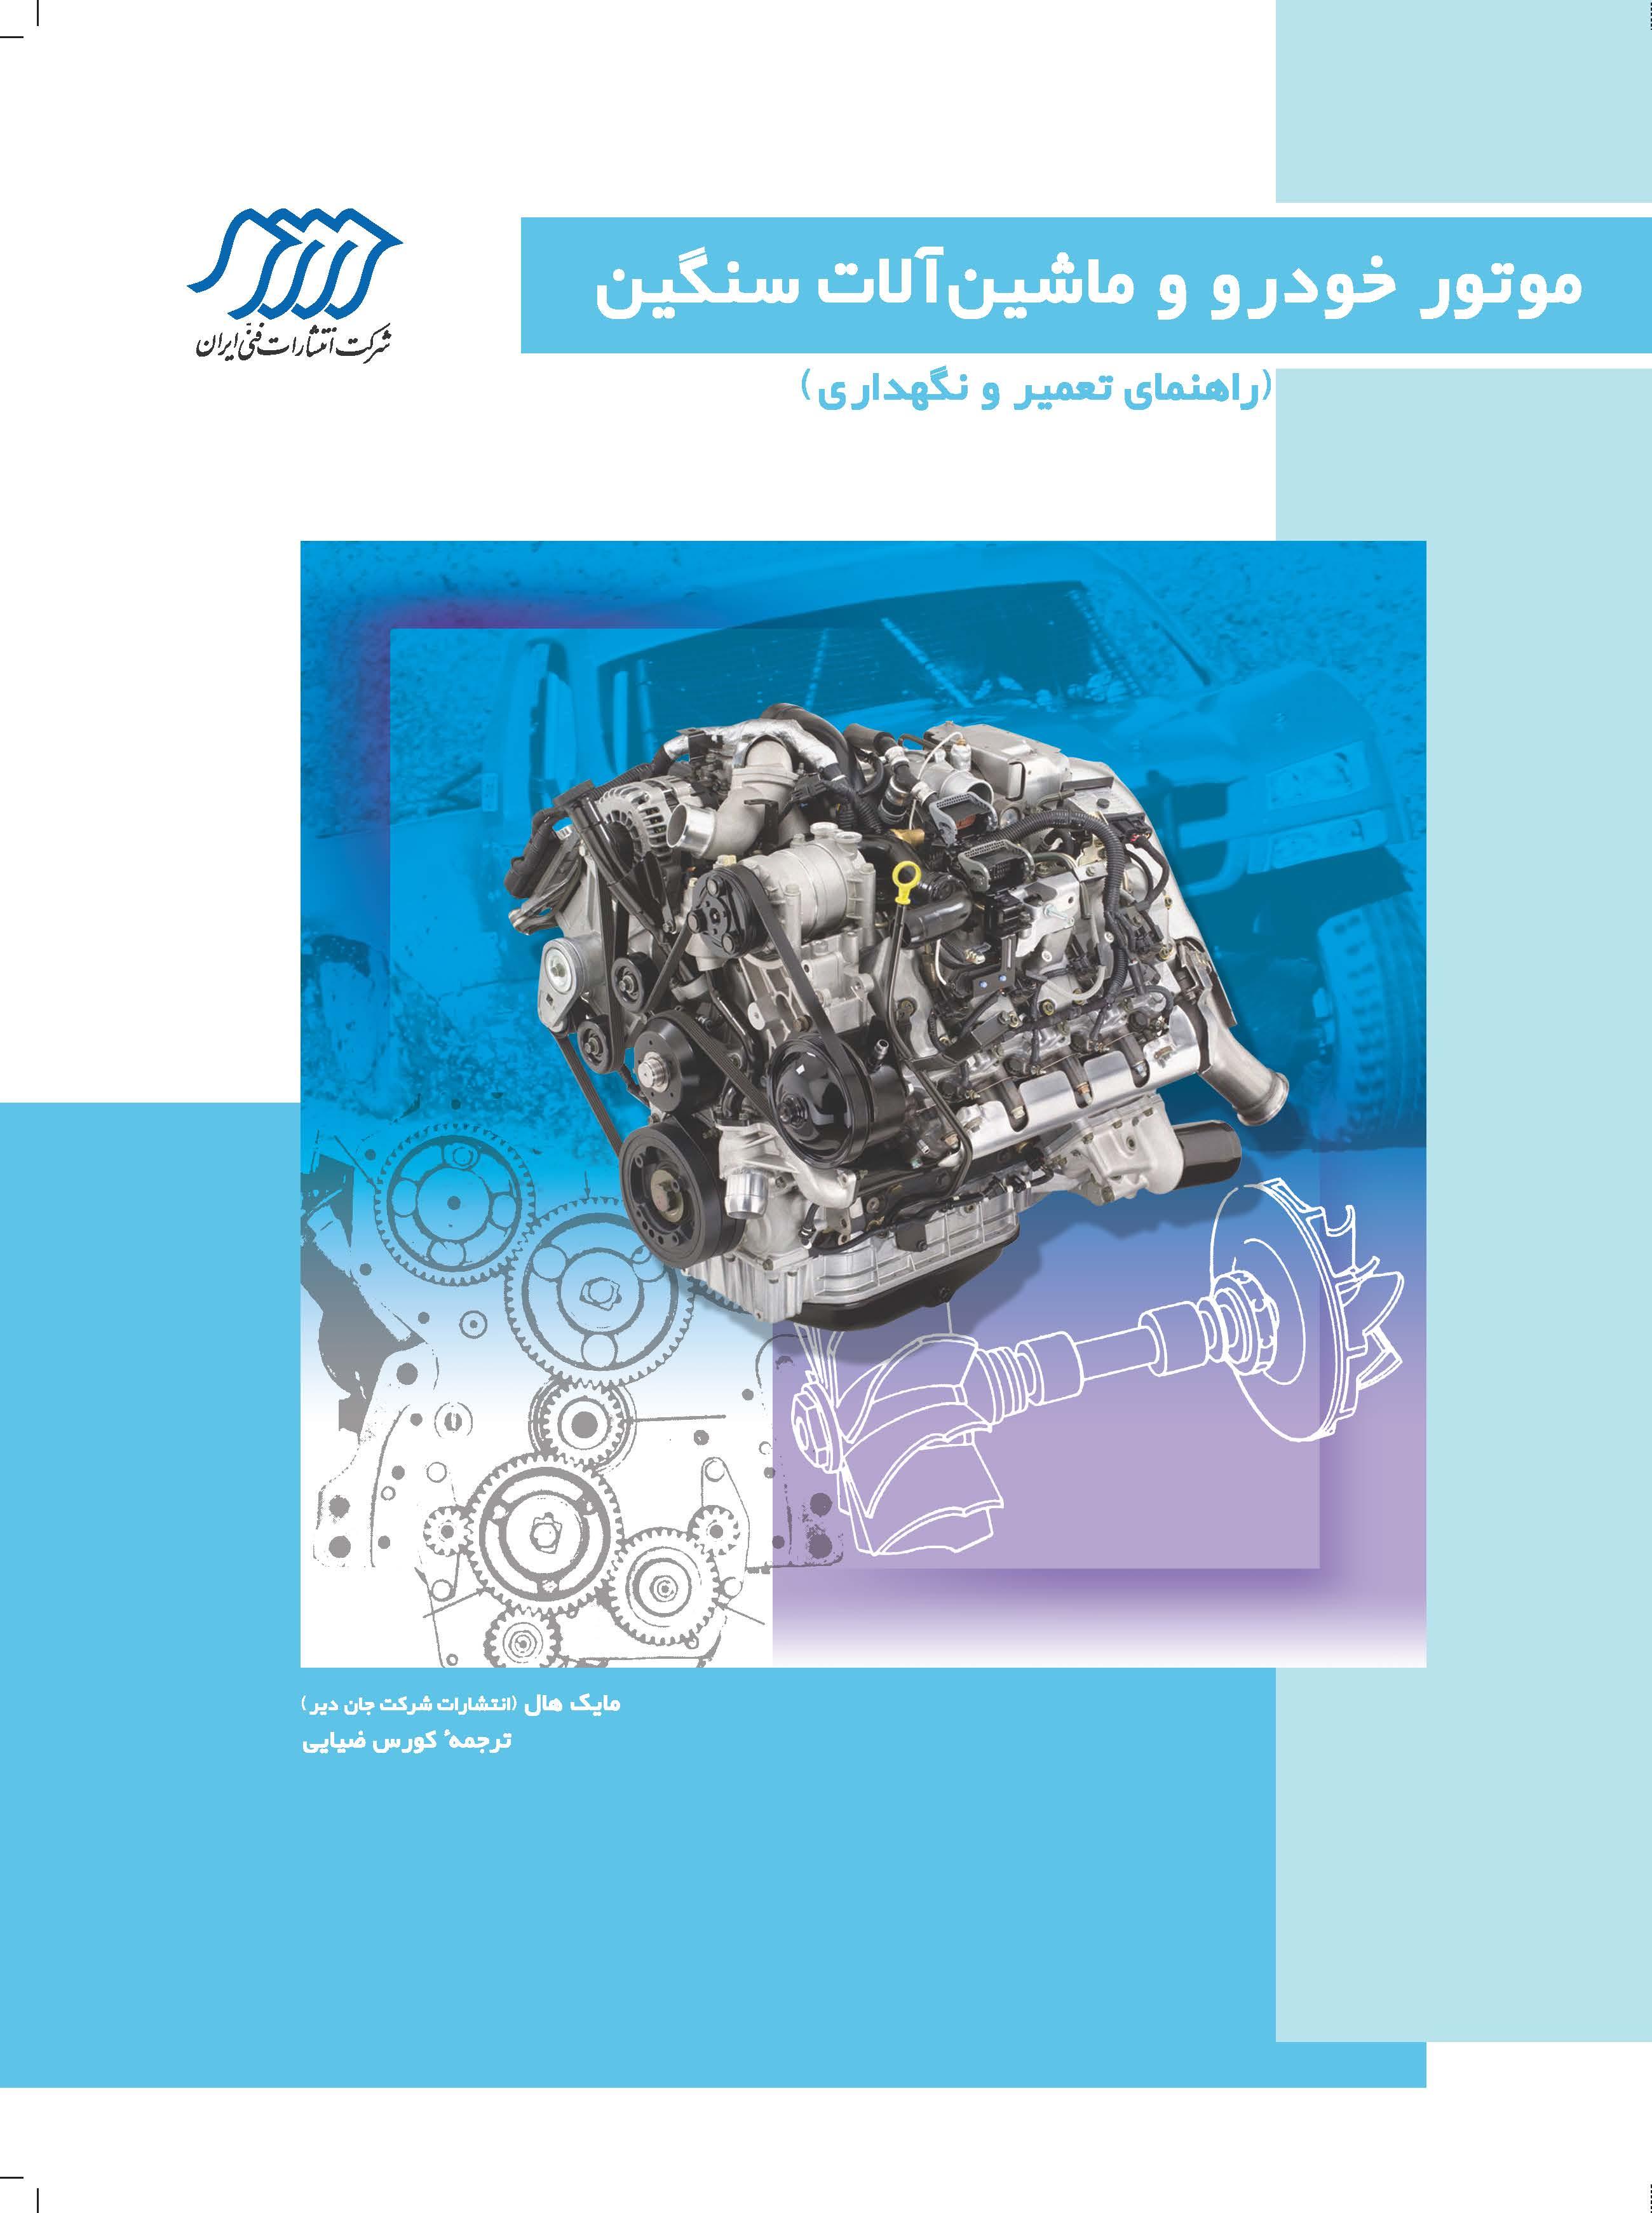 موتور خودرو و ماشین آلات سنگین (راهنمای تعمیر و نگ...